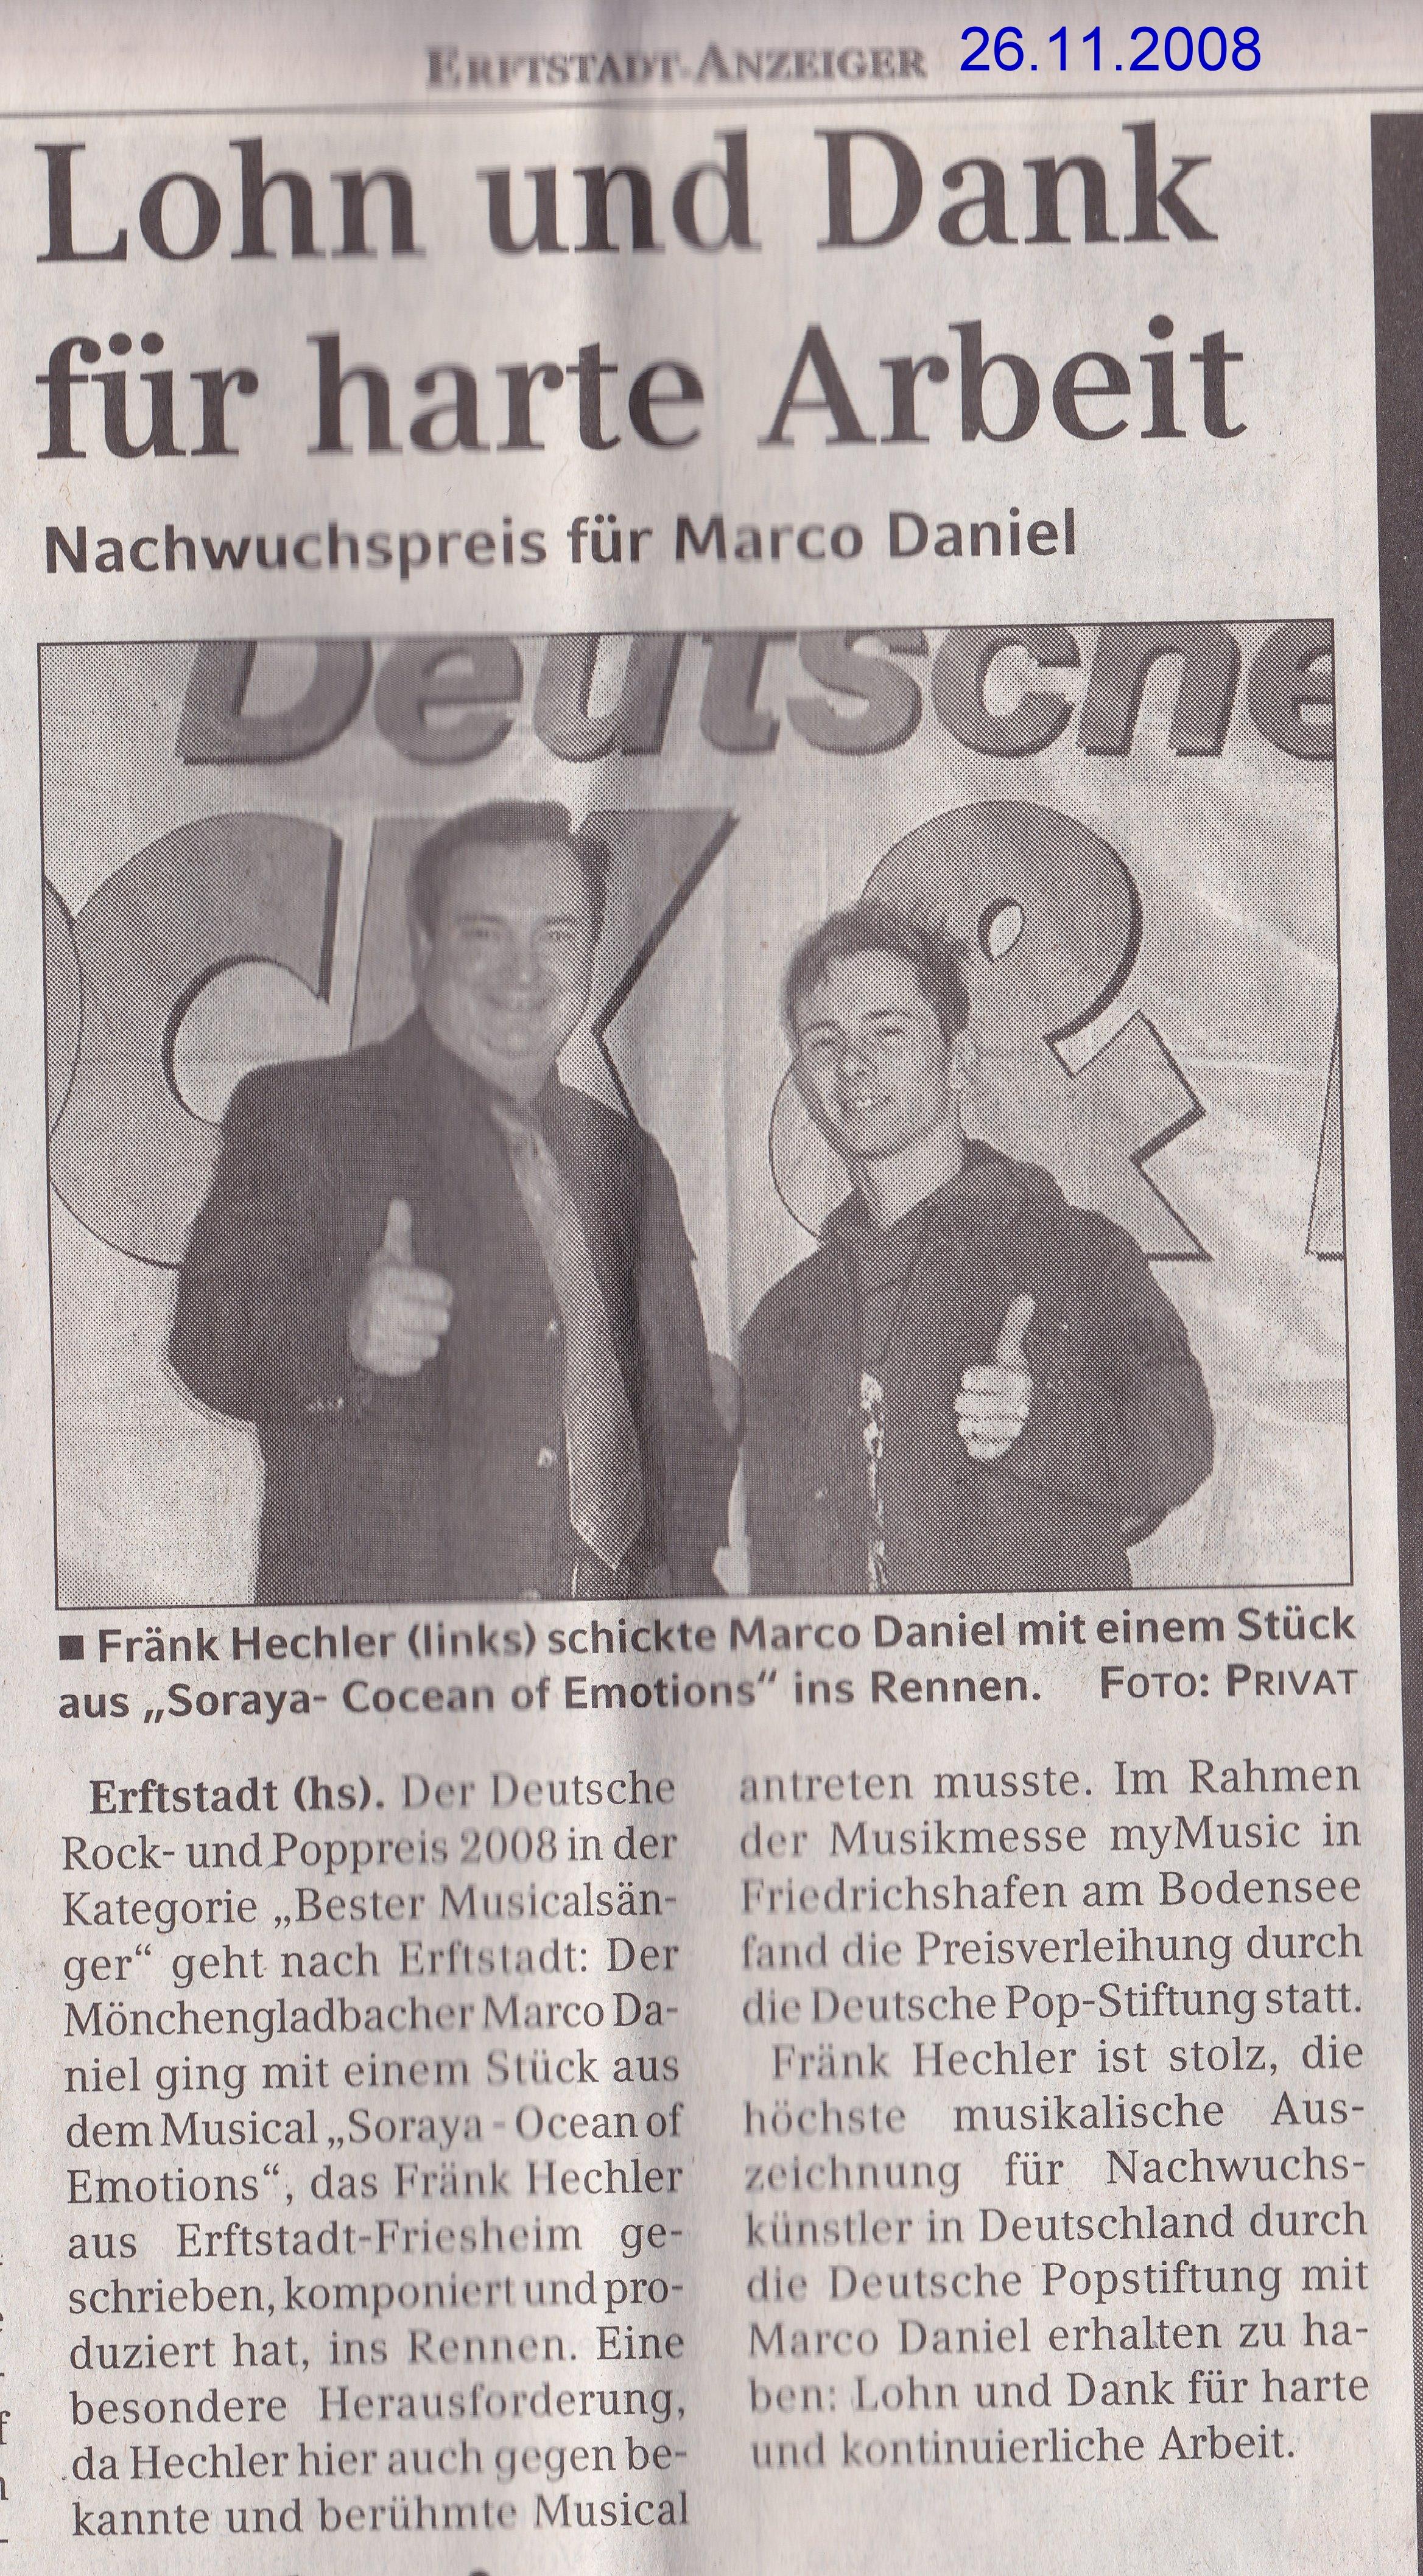 20081126 Erftstadt-Anzeiger